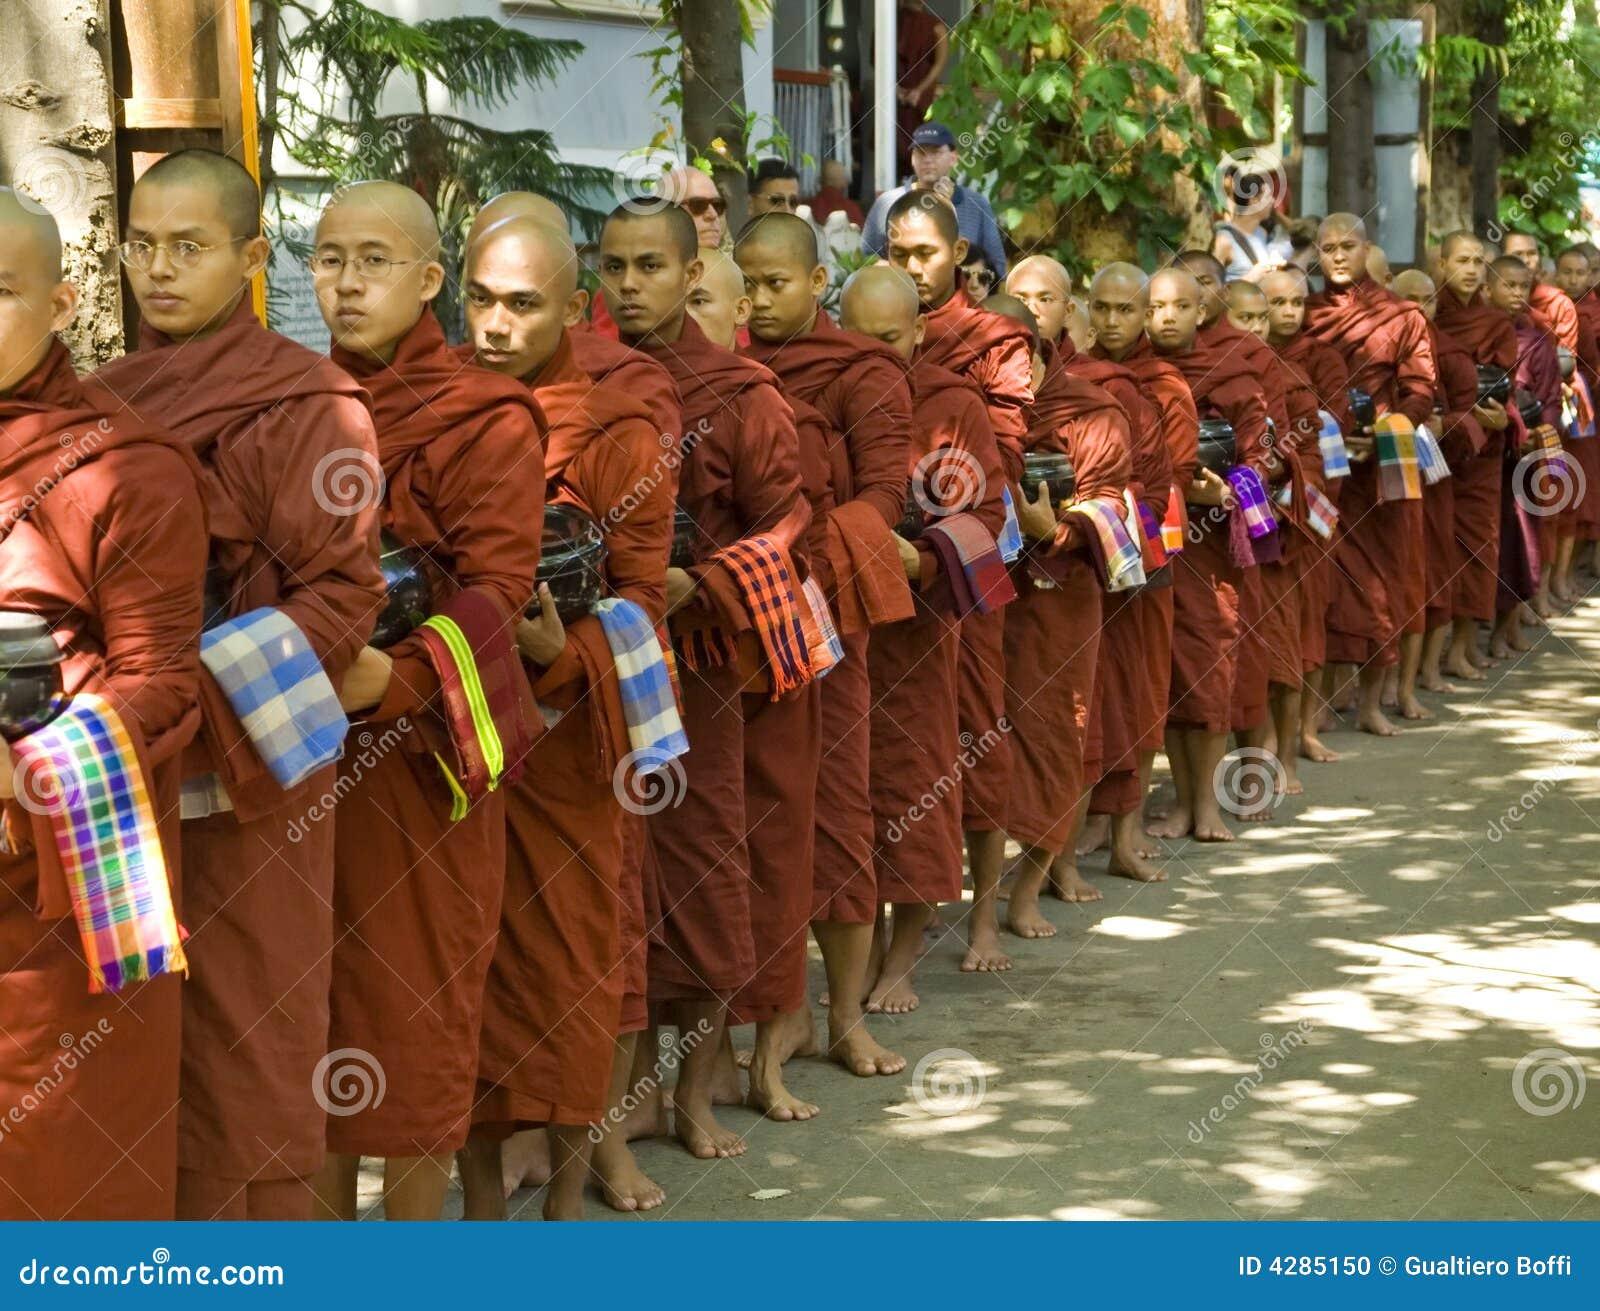 Mönch von Myanmar